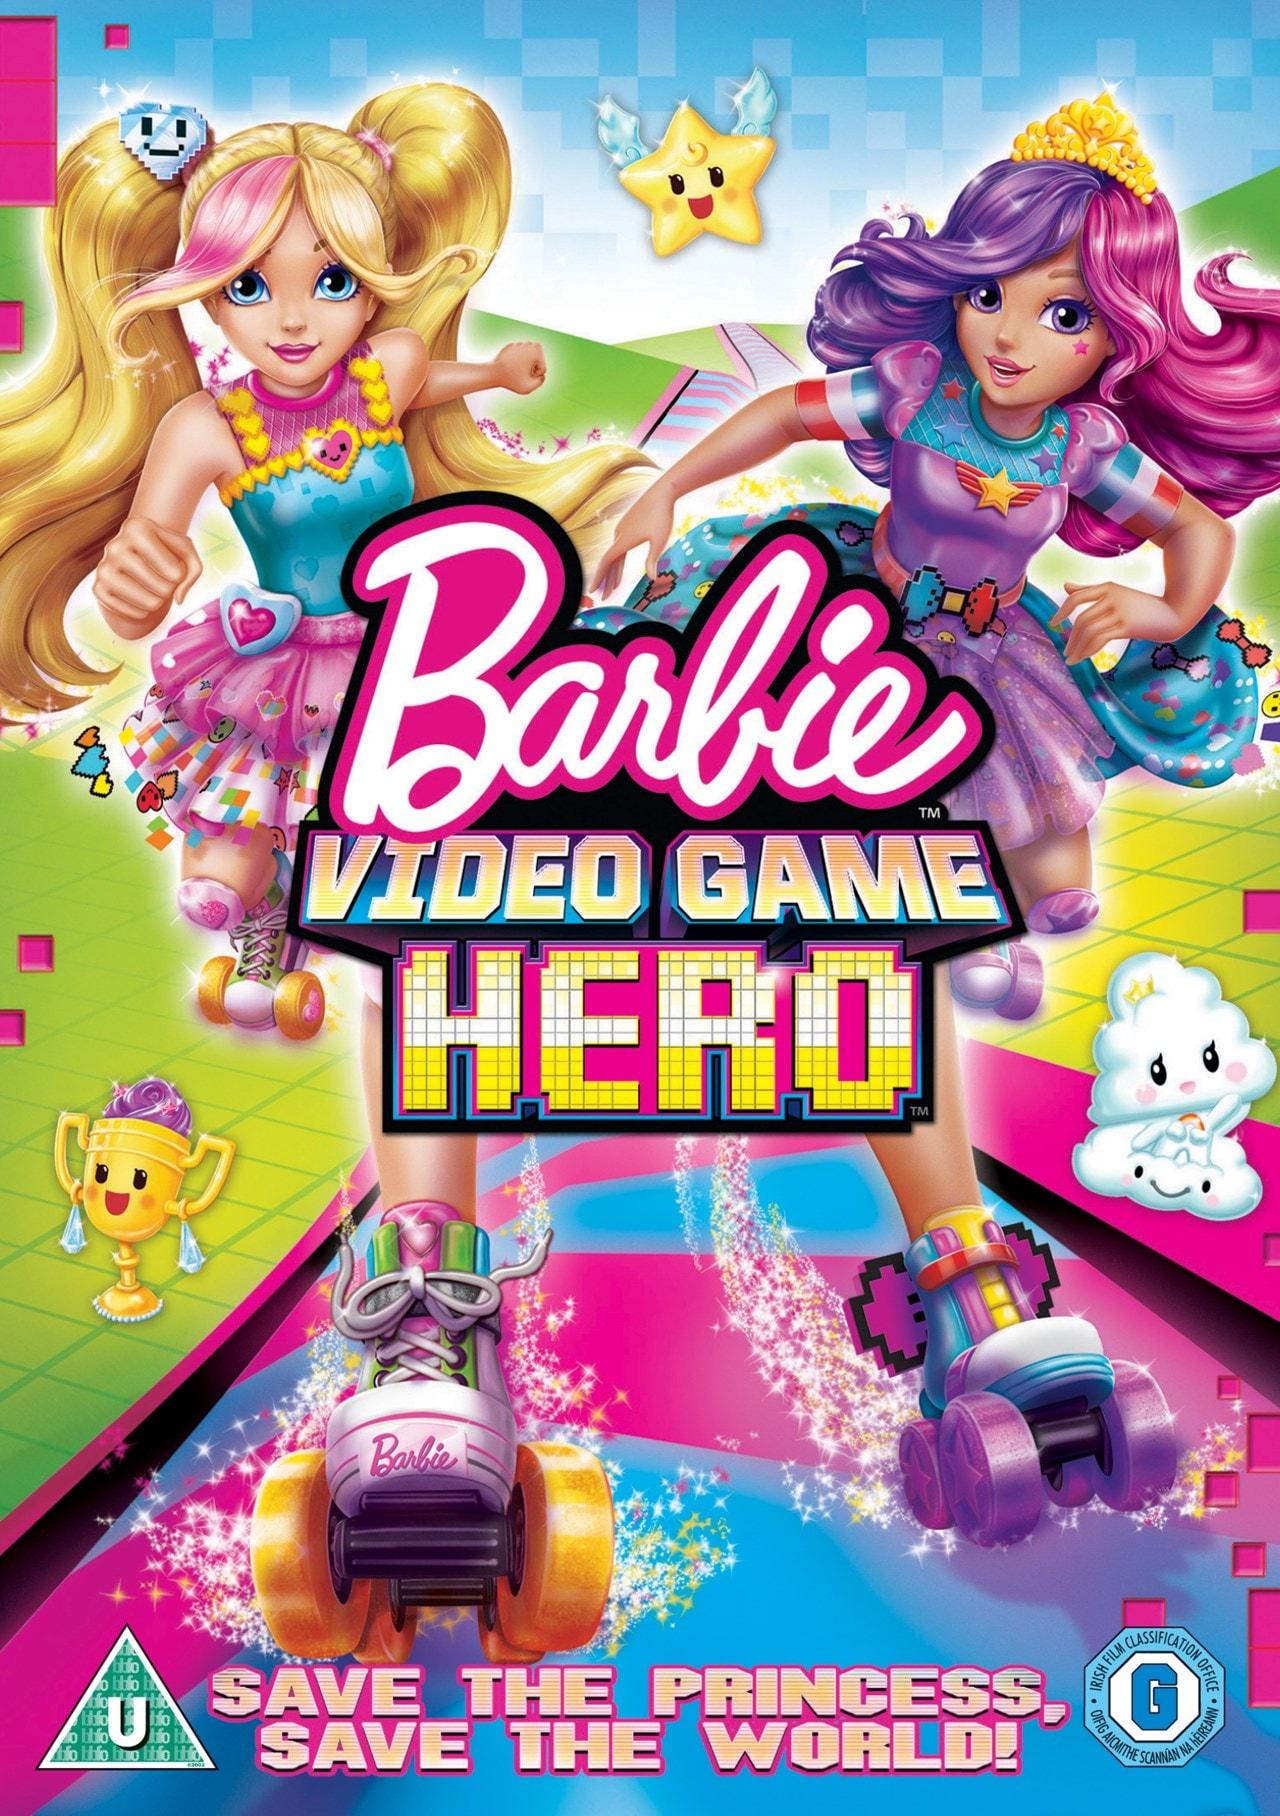 Barbie Video Game Hero - 1